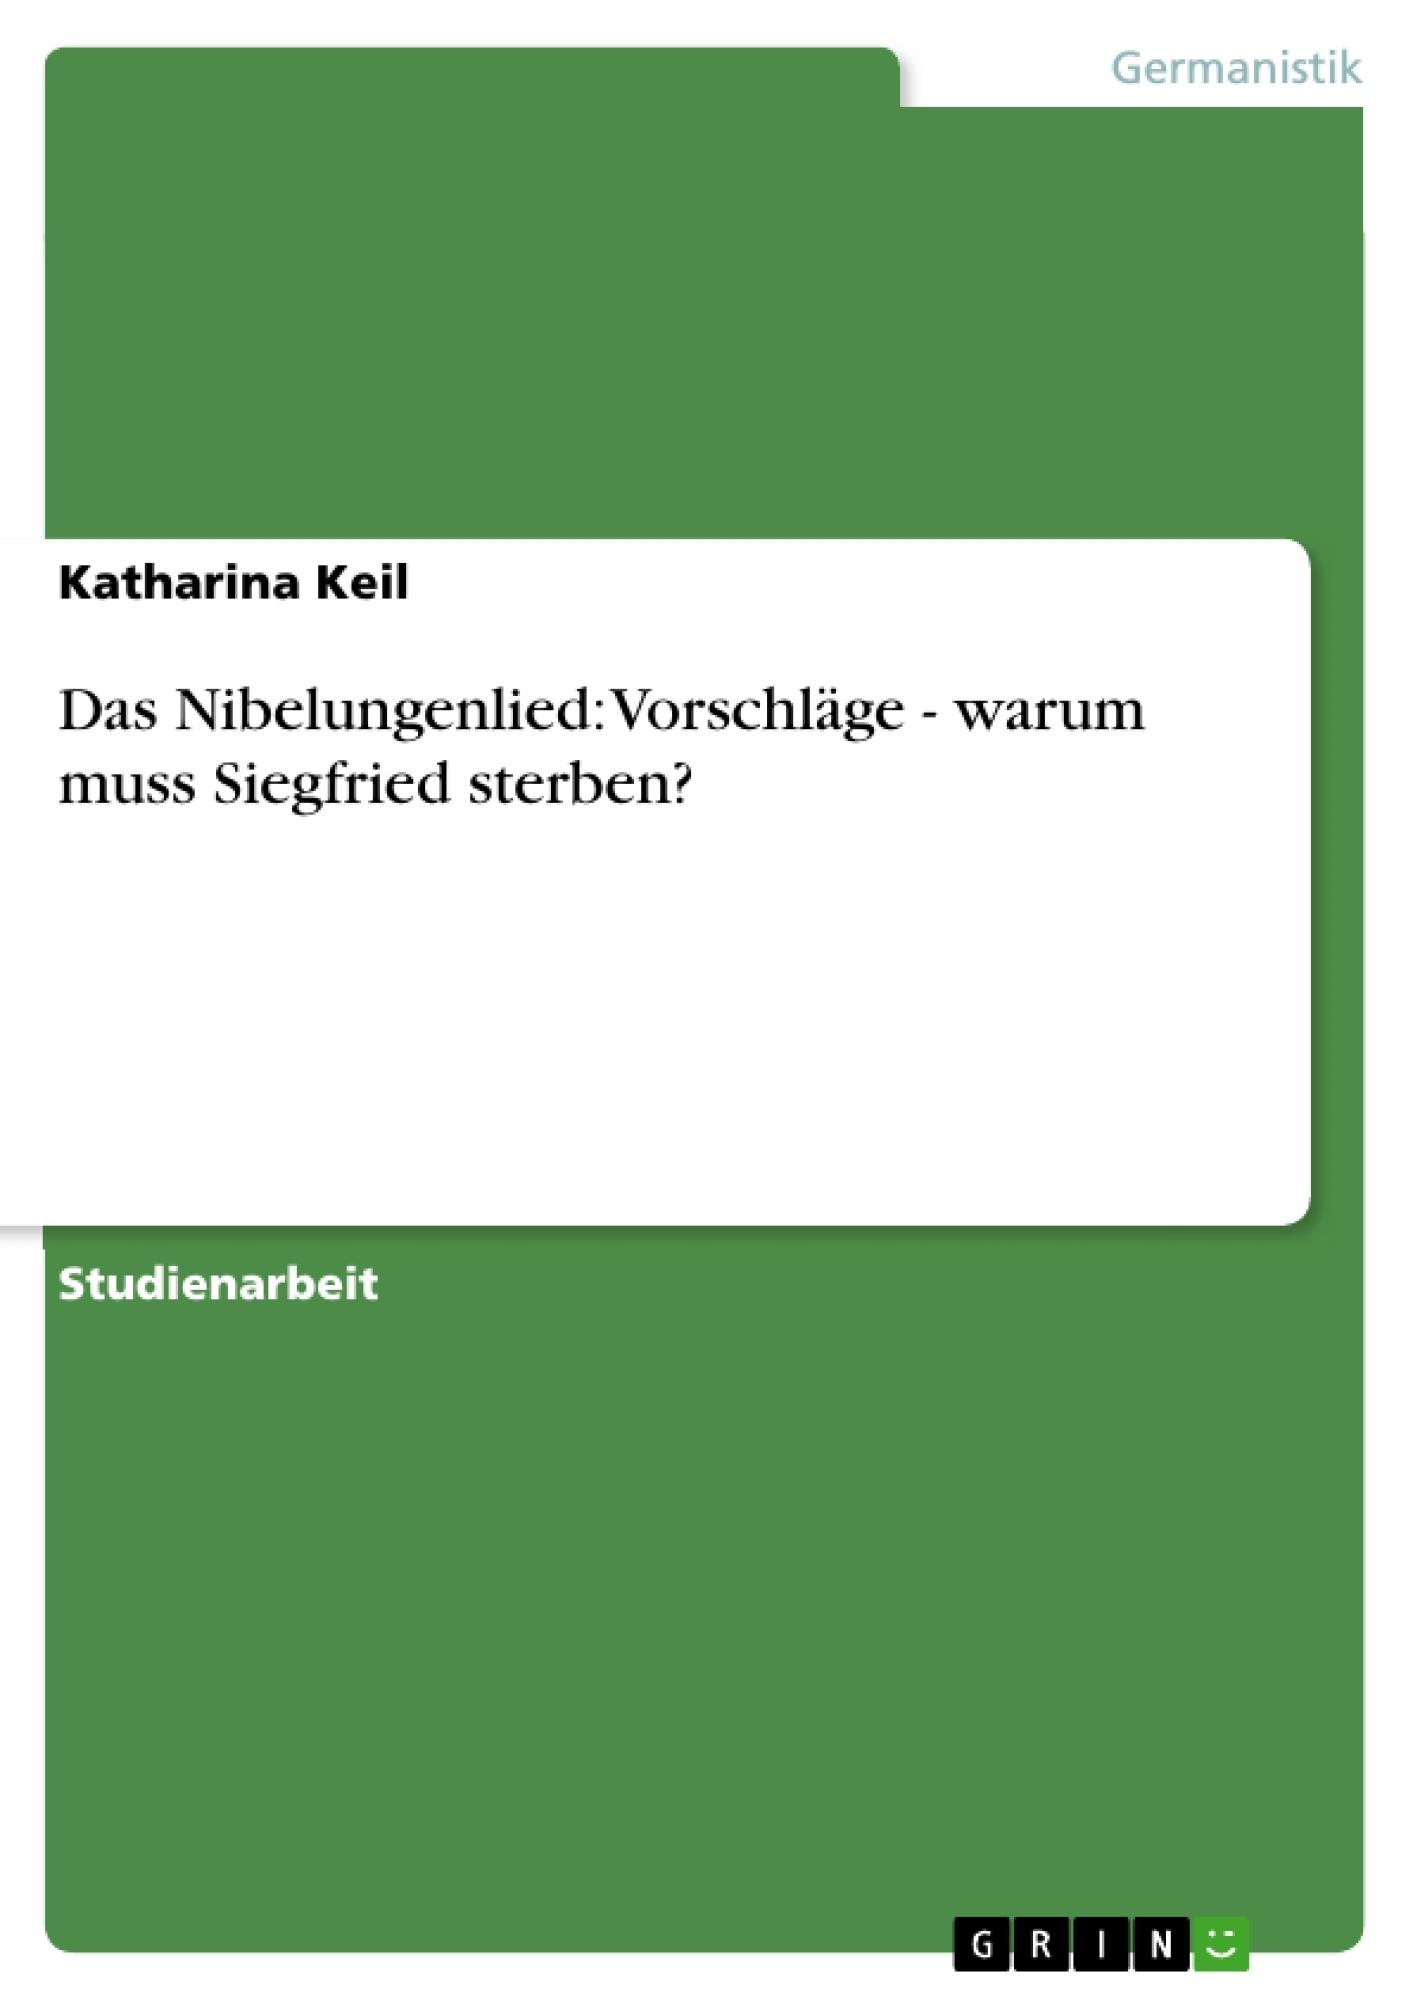 Titel: Das Nibelungenlied: Vorschläge - warum muss Siegfried sterben?